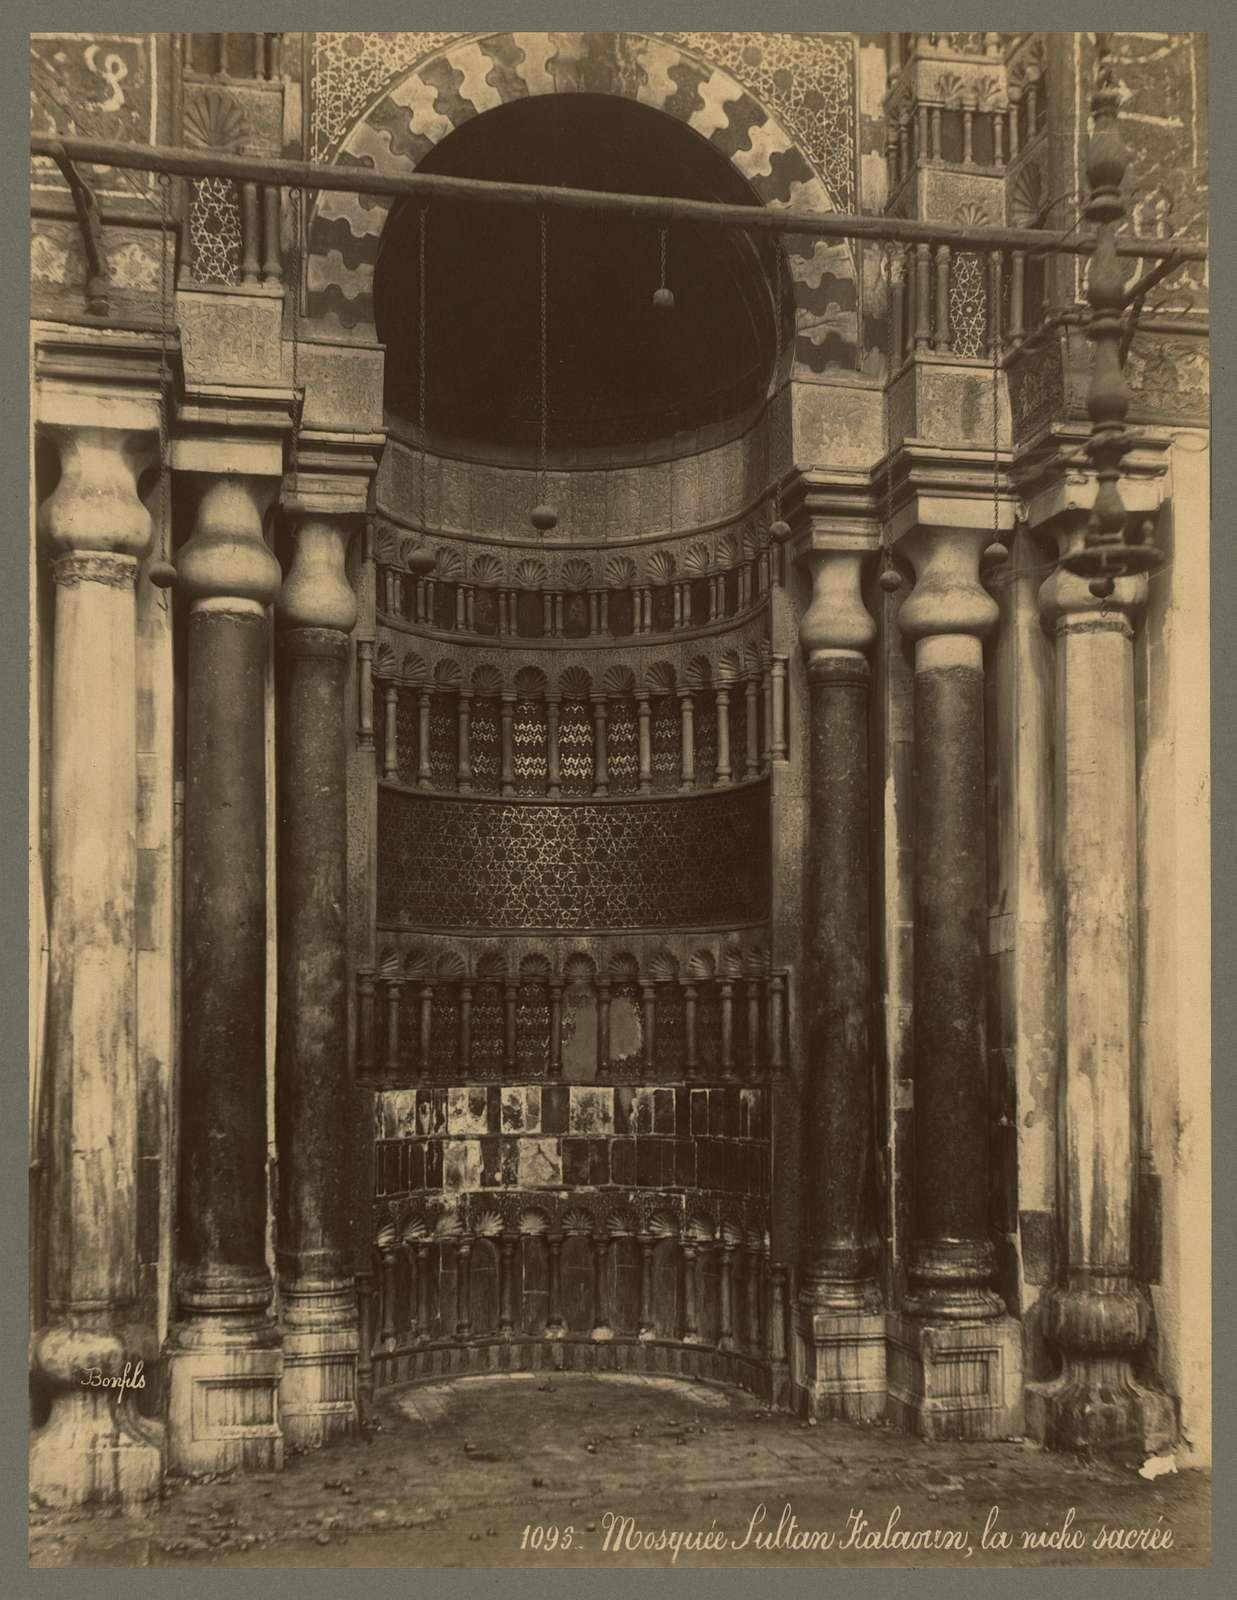 Mosquée Sultan Kalaoun, la niche sacrée / Bonfils.